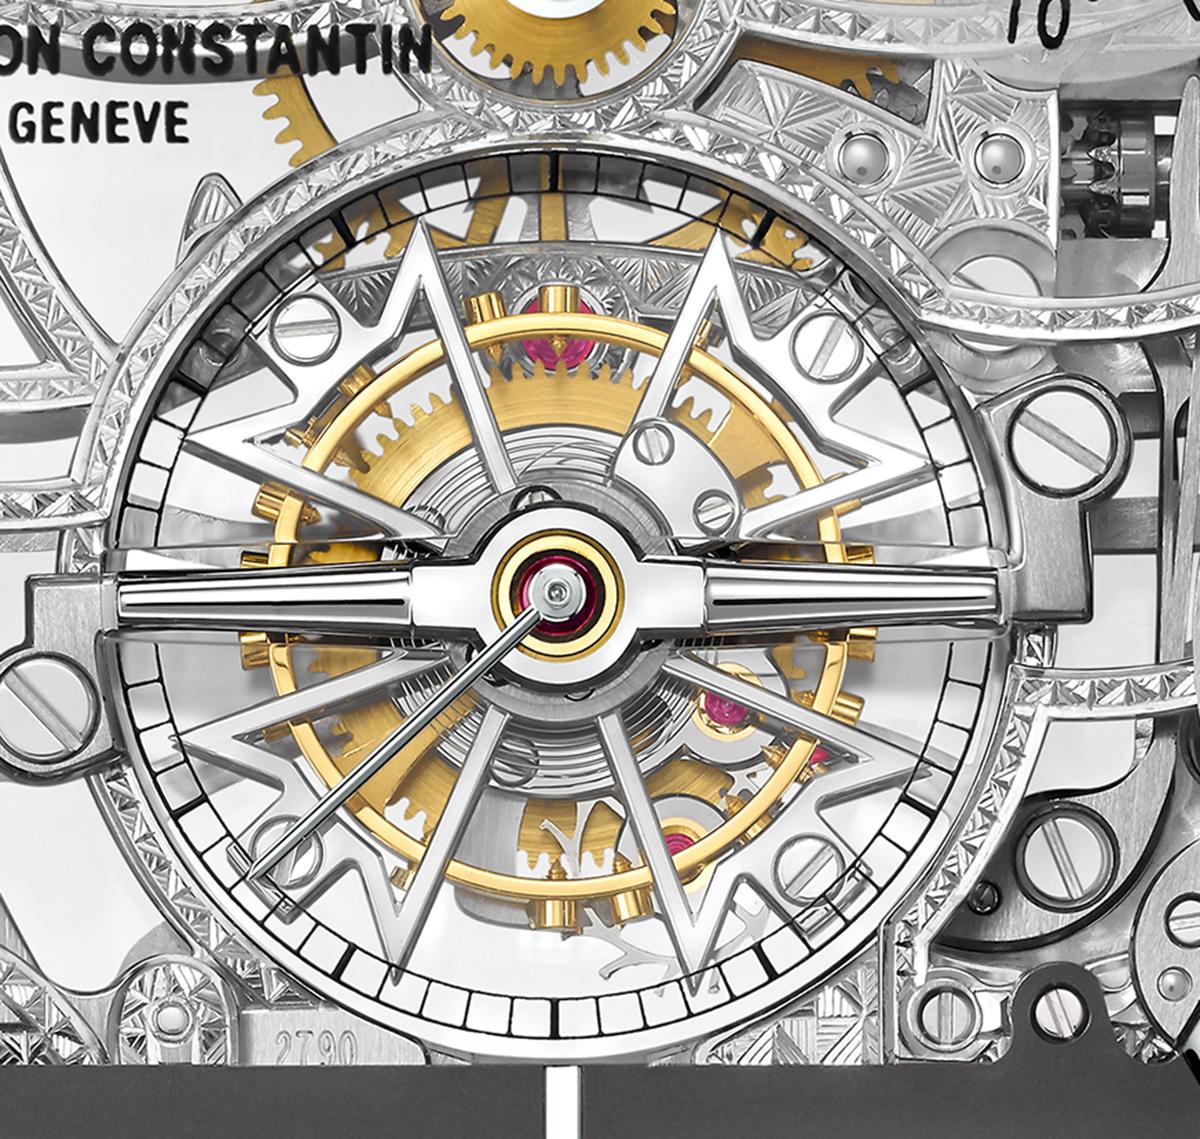 Malte Tourbillon Openworked, detail of the tourbillon